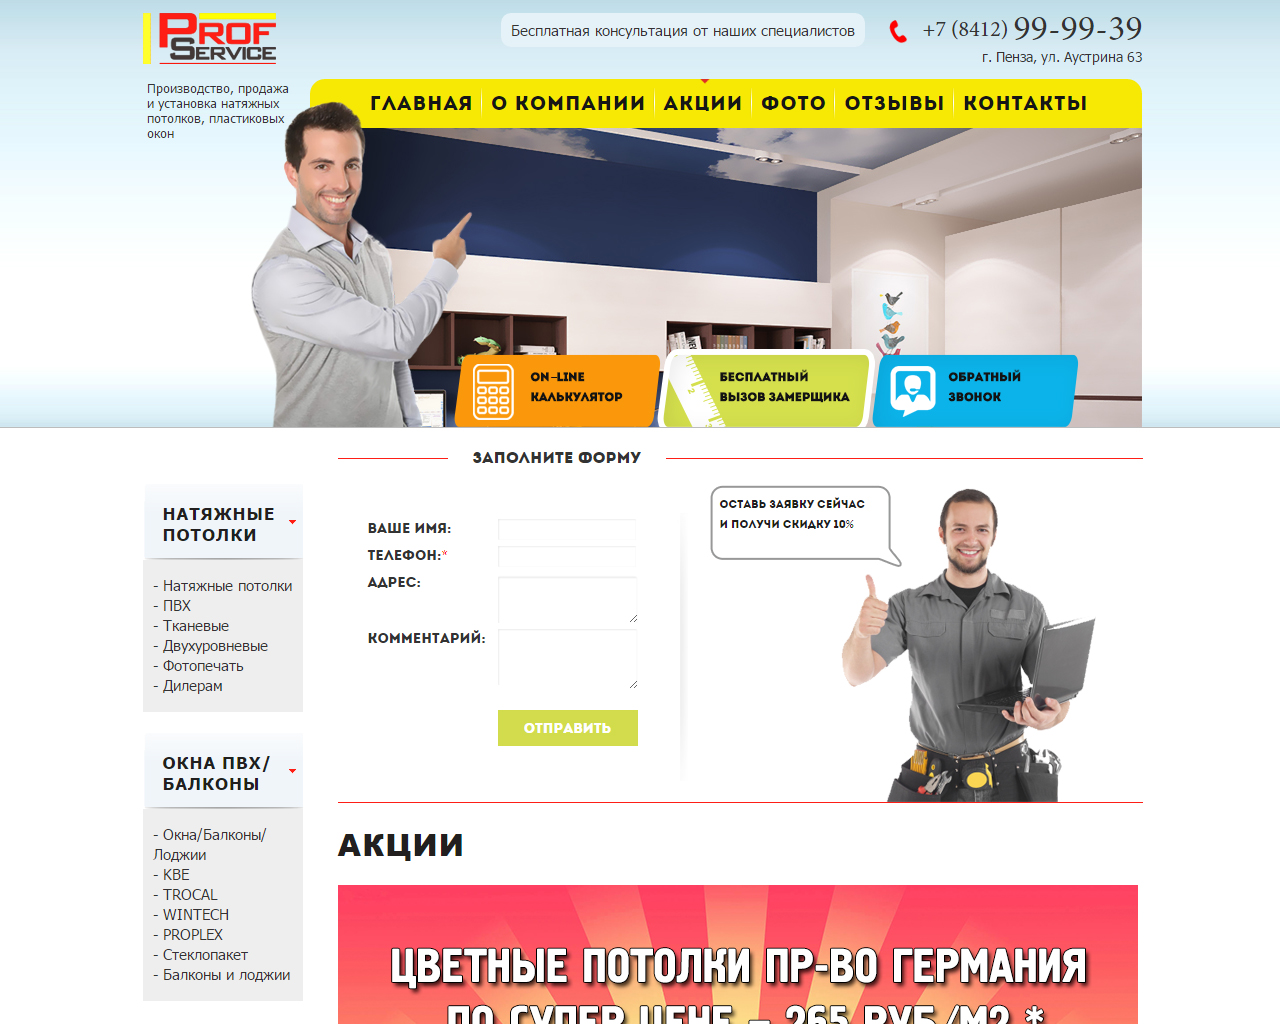 Натяжные потолки «Prof Service»